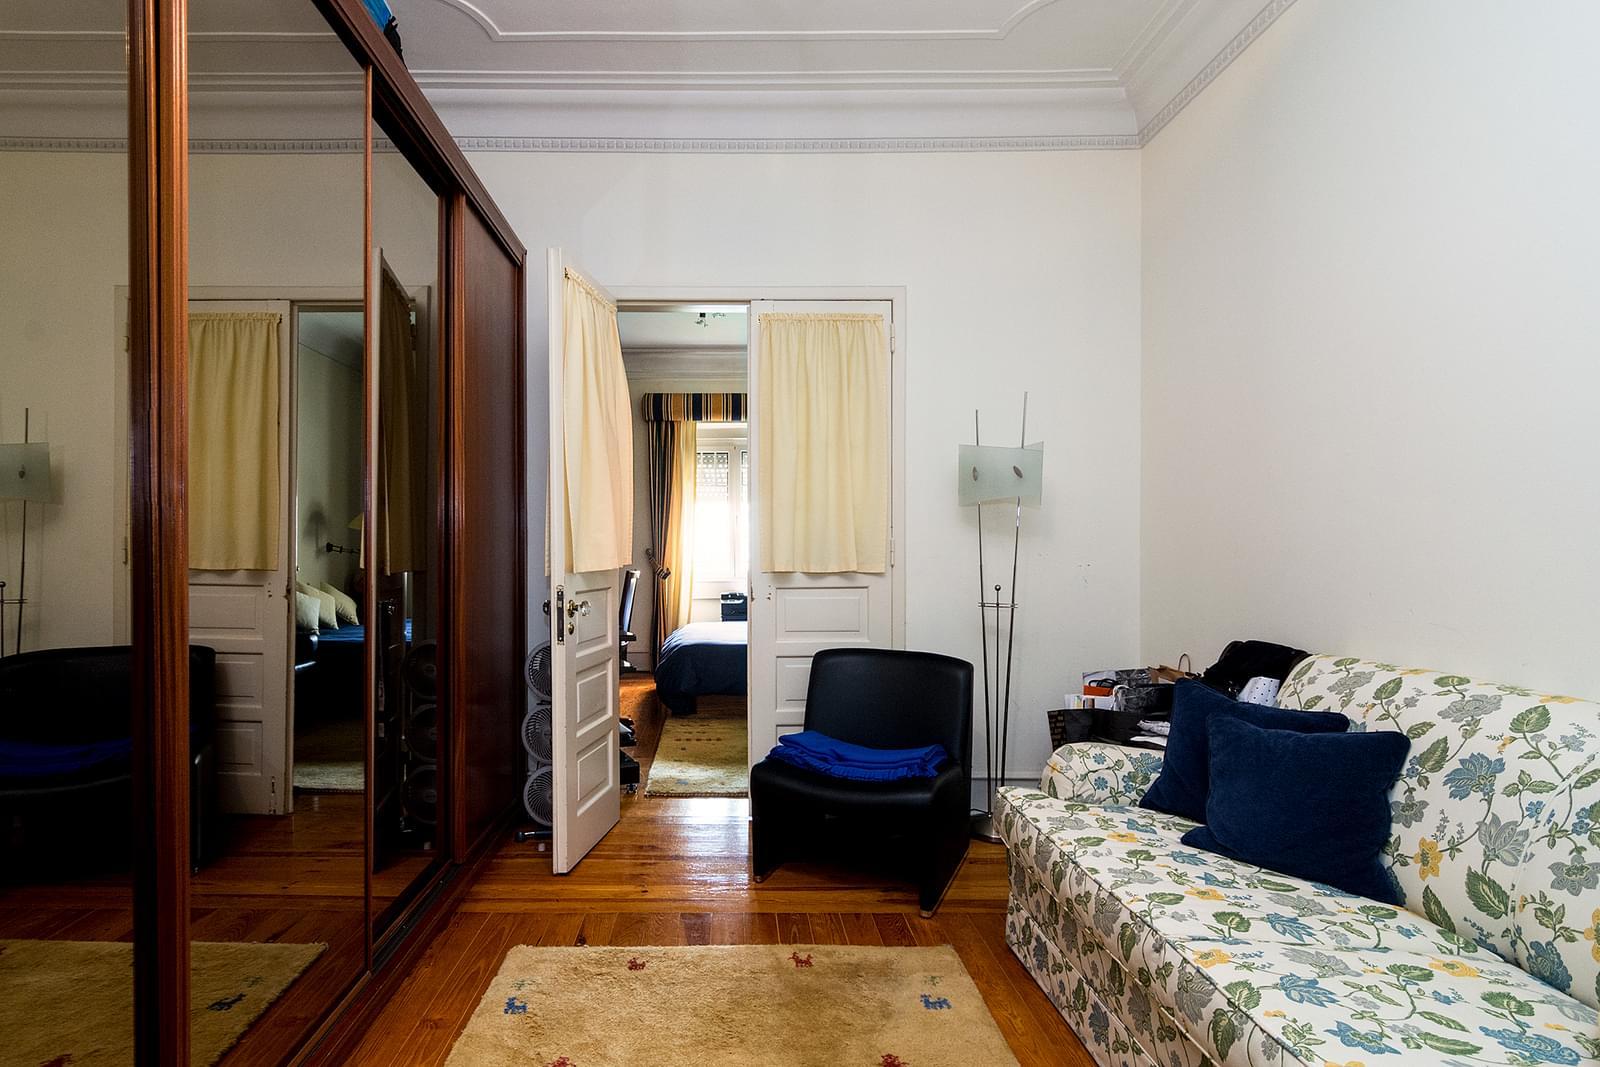 pf17510-apartamento-t4-1-lisboa-e0ca6051-4728-448e-a44b-c64ed967ea80